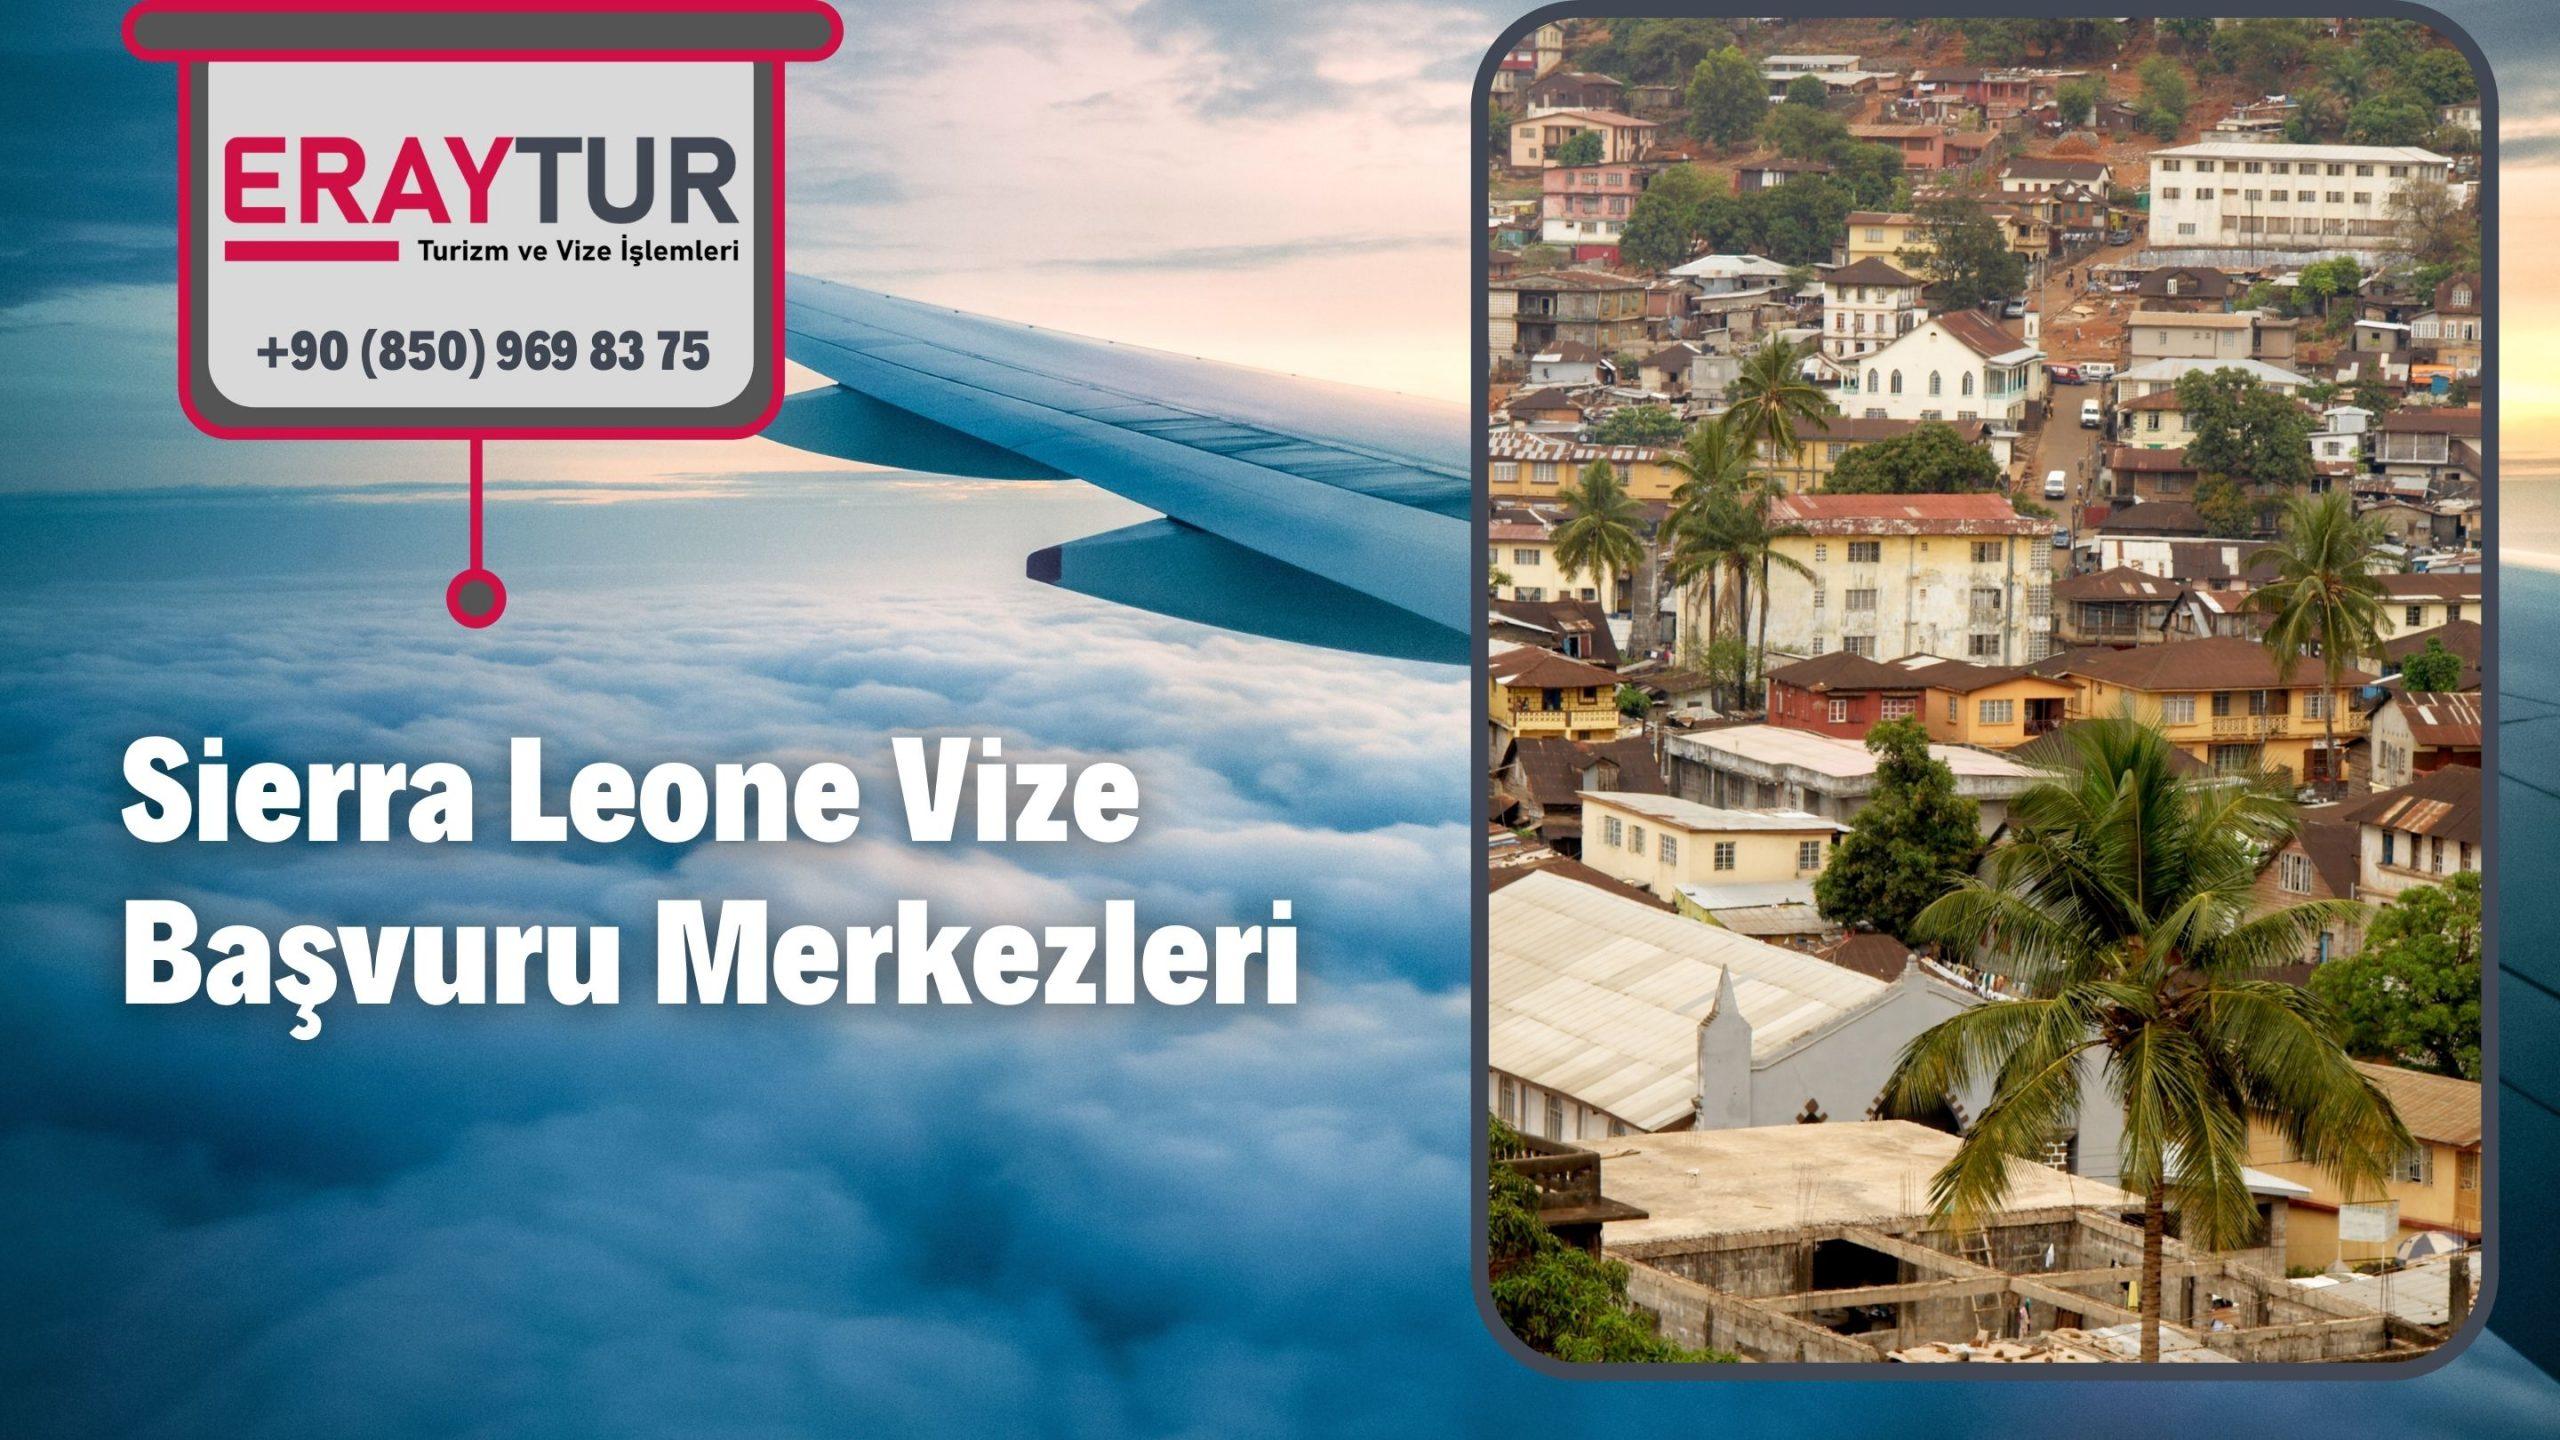 Sierra Leone Vize Başvuru Merkezleri